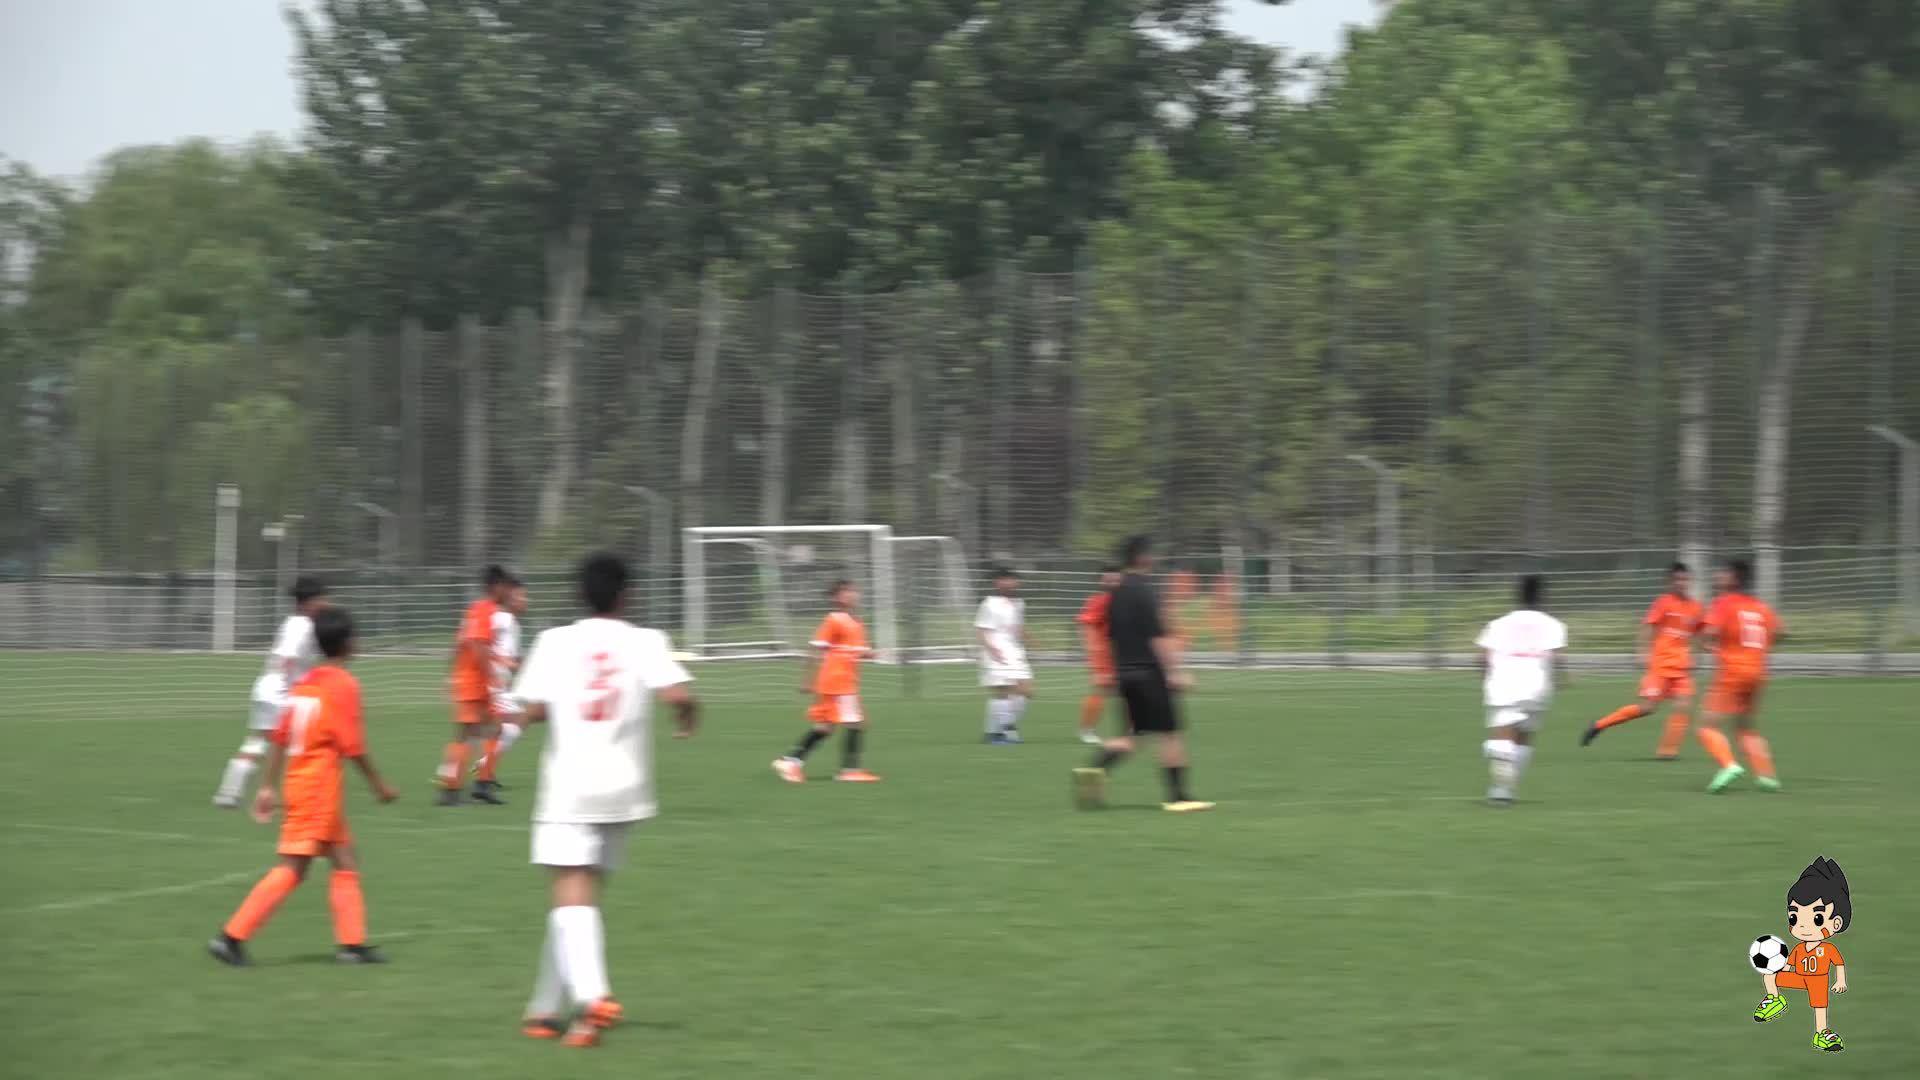 在足球比赛中,往往第一下能不能接好球就决定了此次进攻的成败……